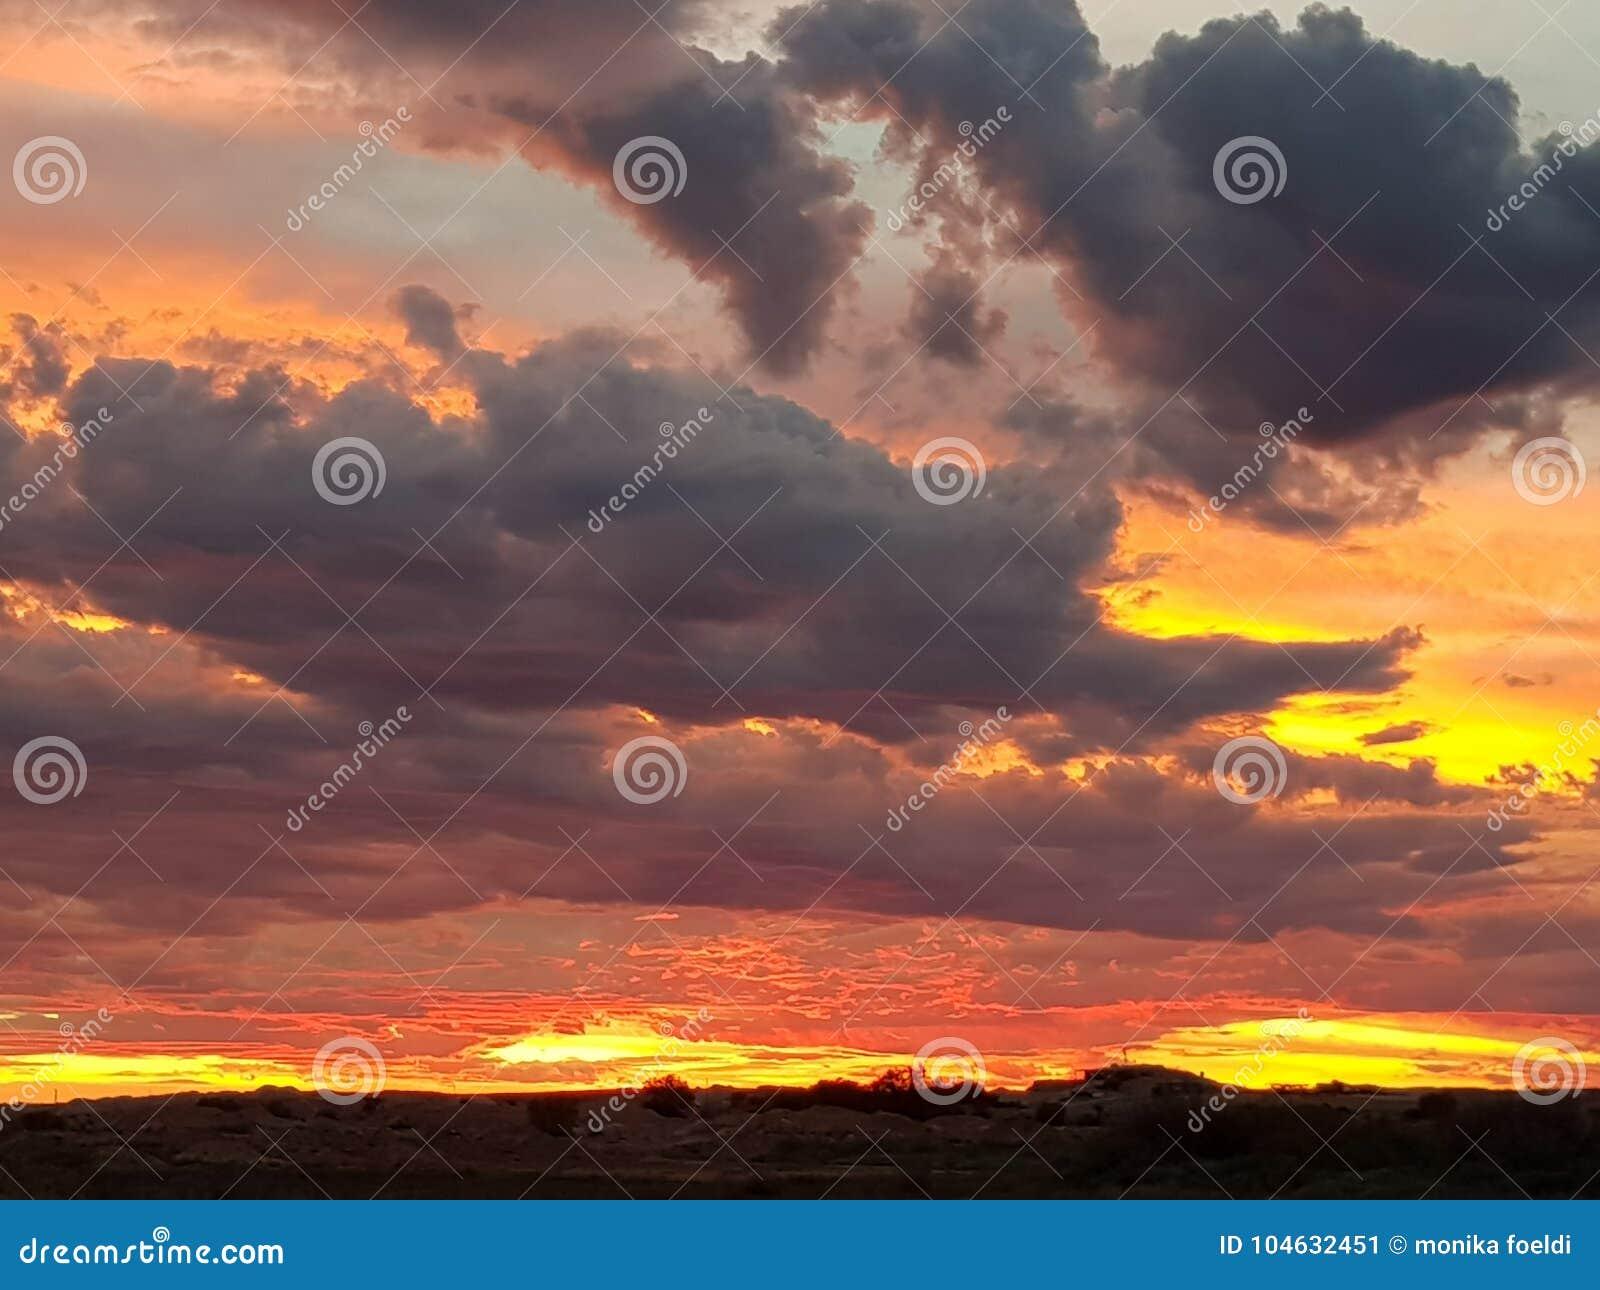 Download Coober Pedy Zon Geplaatst Zuid-Australië Stock Afbeelding - Afbeelding bestaande uit reeks, australië: 104632451